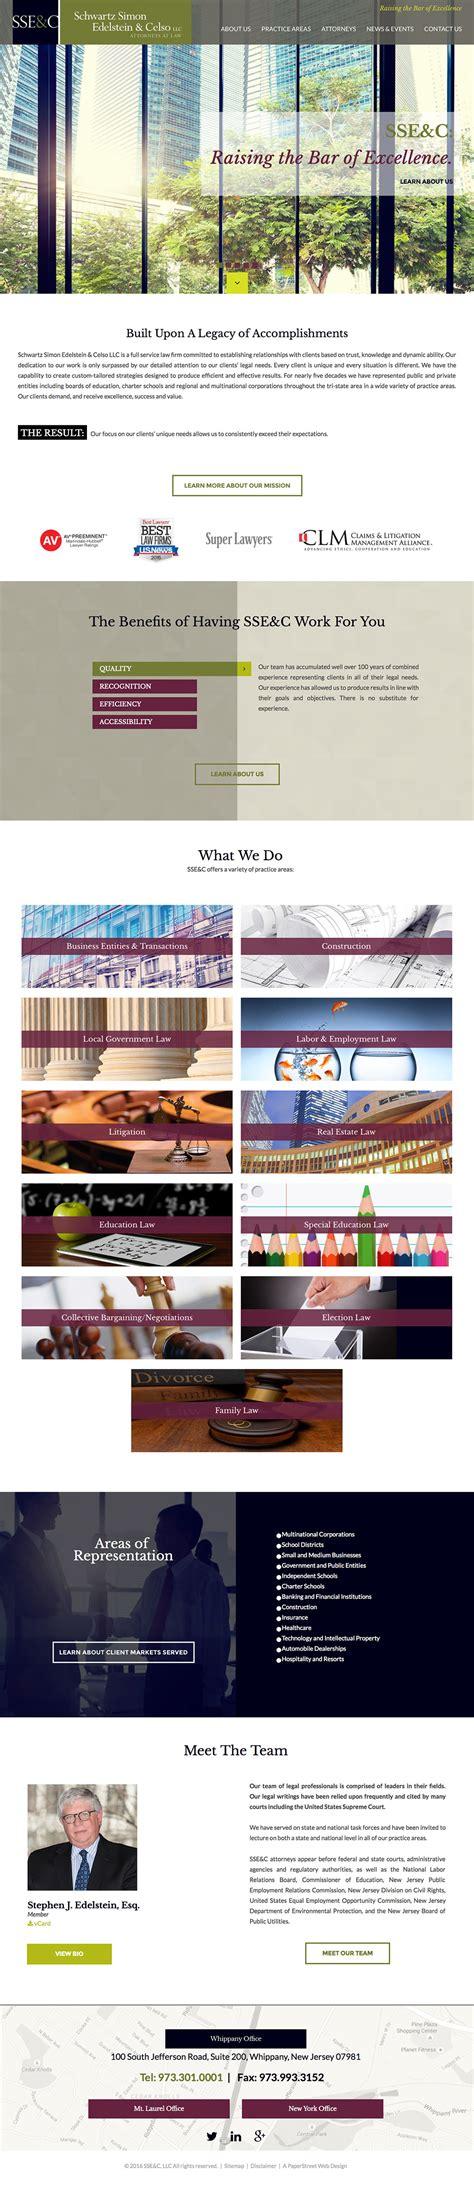 design inspiration websites 2016 law firm website design inspiration for 2016 paperstreet